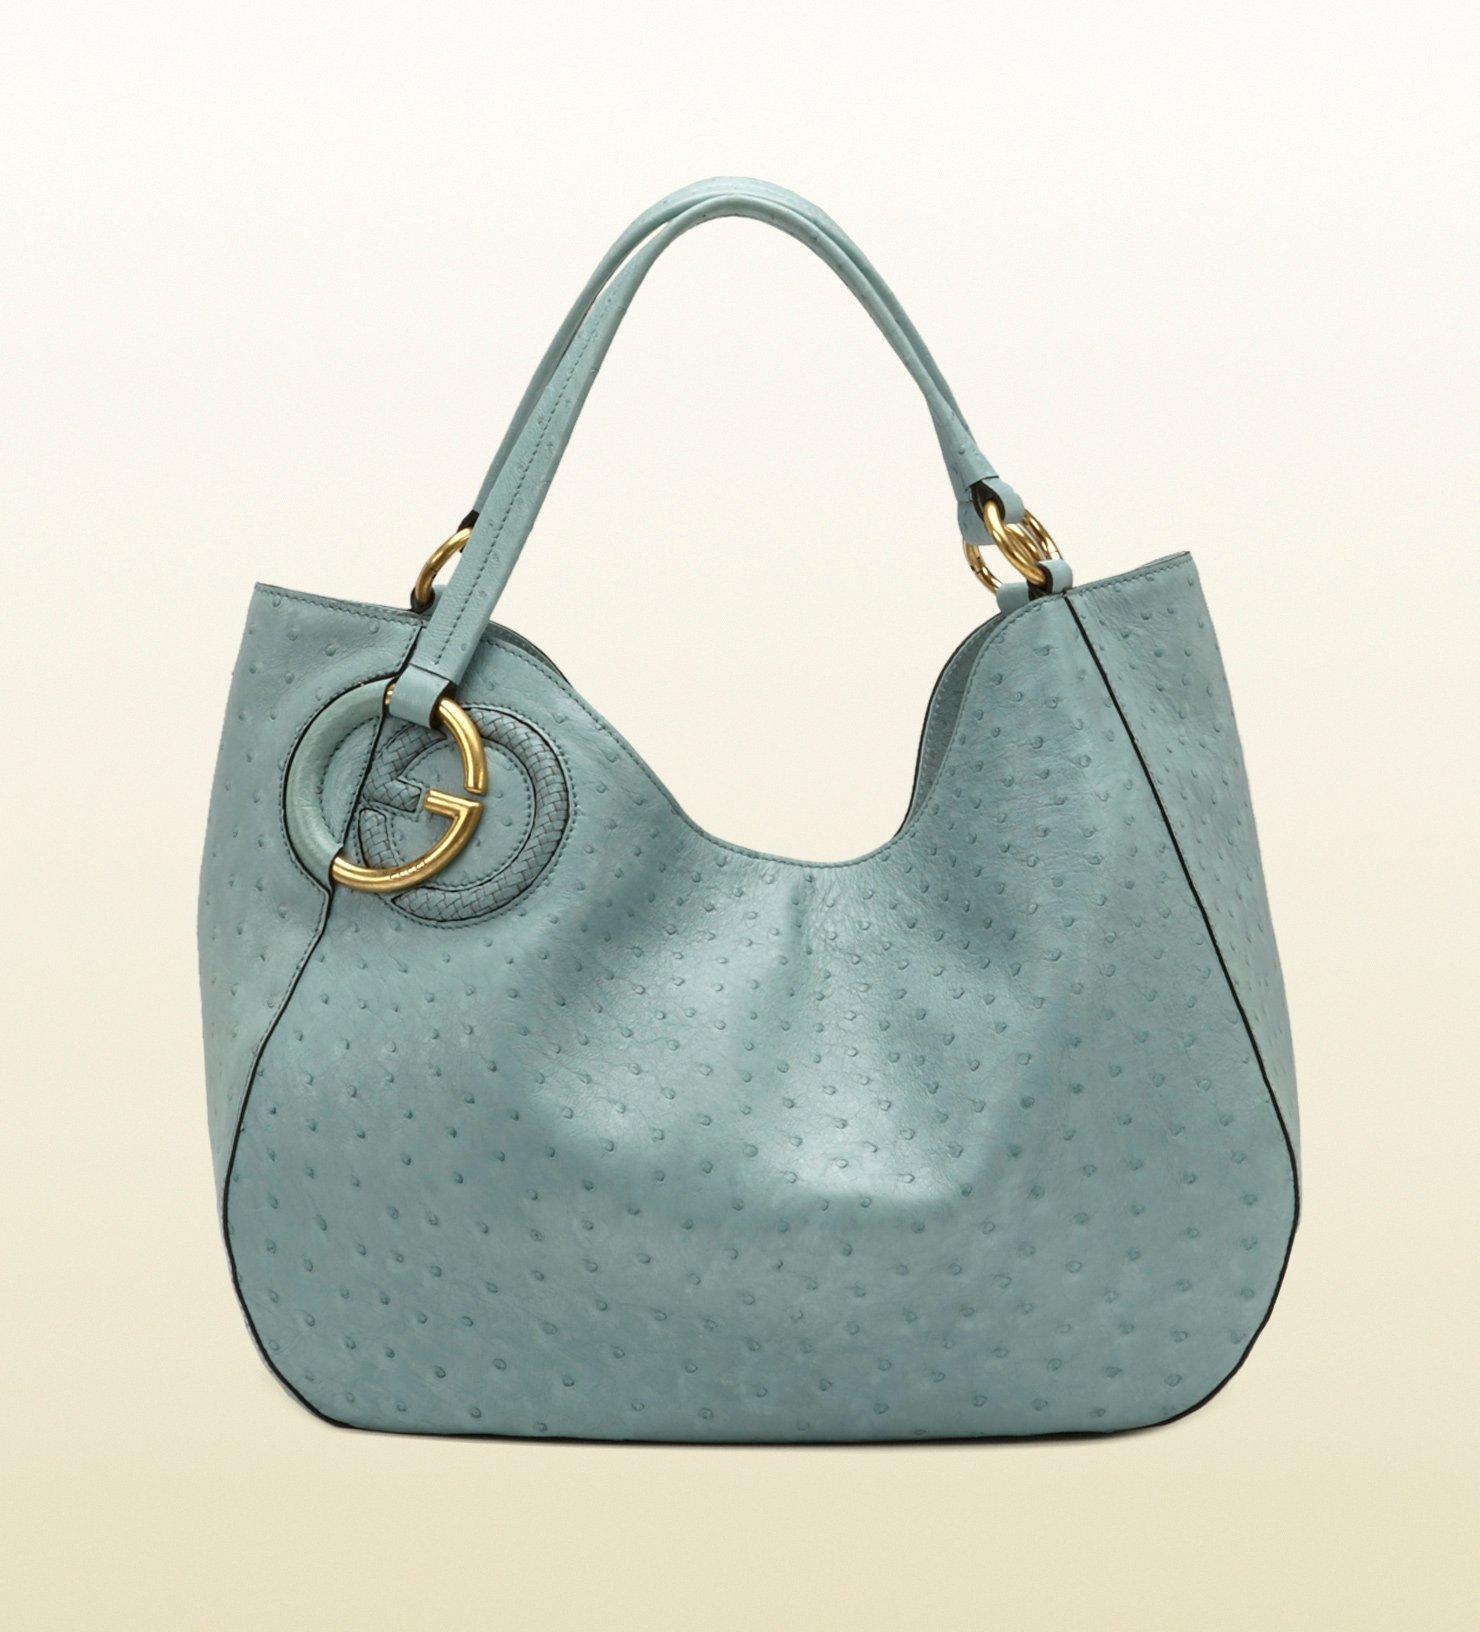 19c7b72aff88 Lyst - Gucci Twill Ostrich Shoulder Bag in Blue